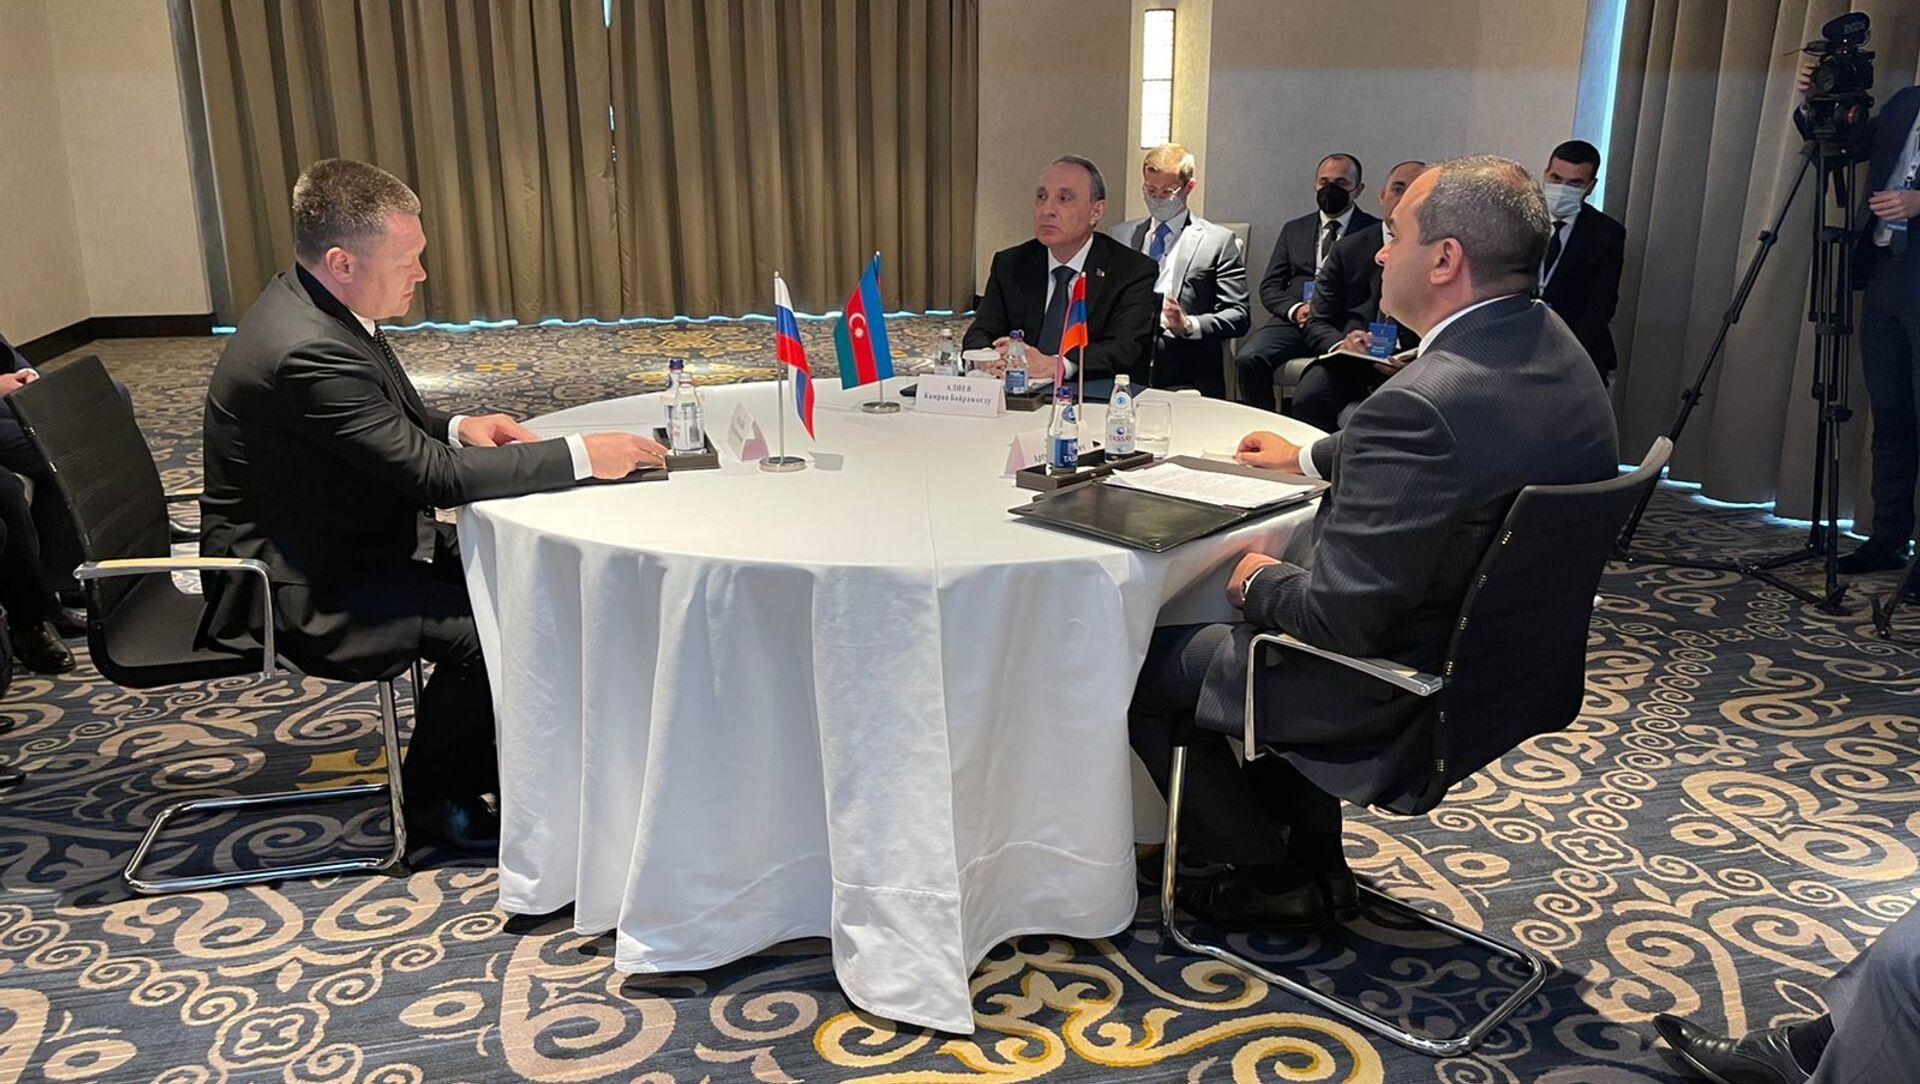 Генеральные прокуроры Азербайджана, России и Армении обсудили в Нур-Султане  - Sputnik Azərbaycan, 1920, 23.09.2021